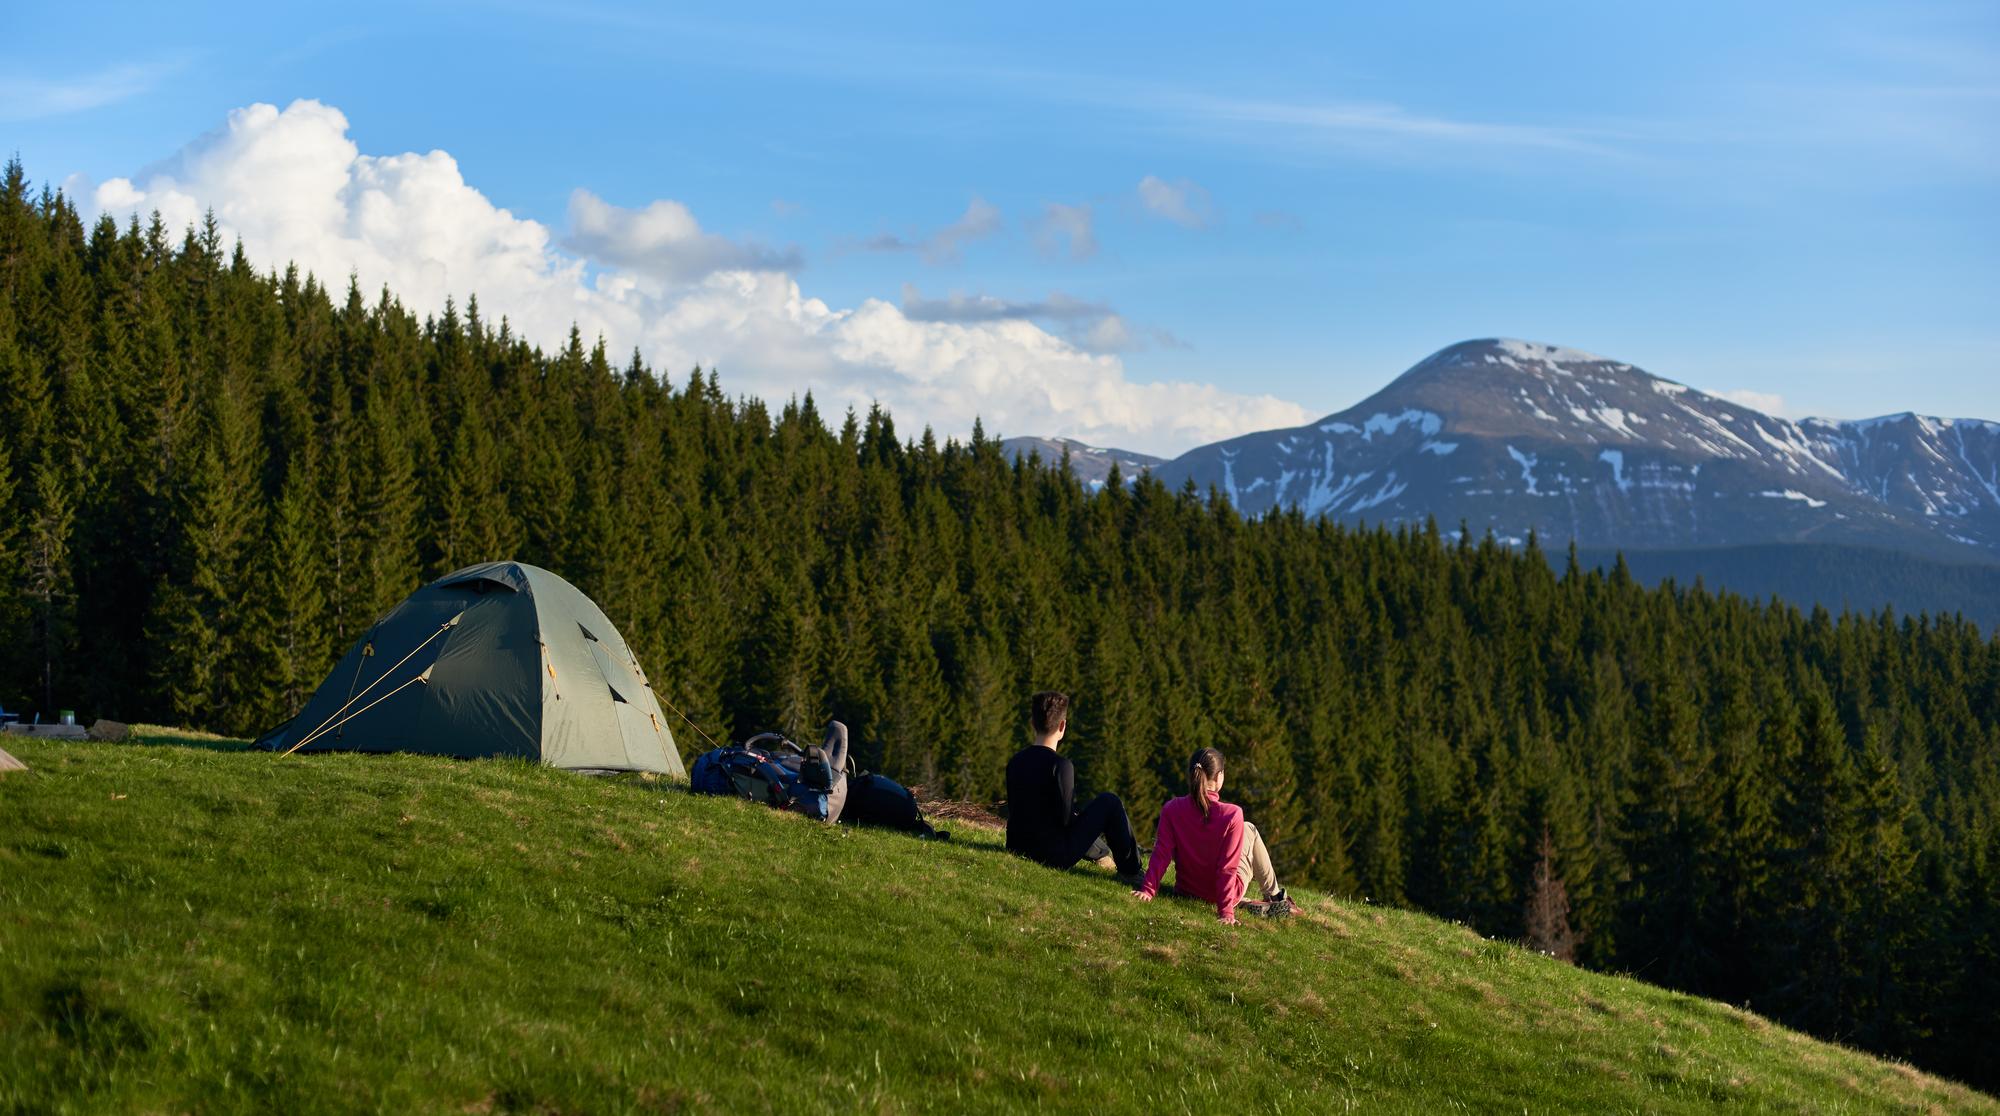 エコロジーなキャンプアイテム